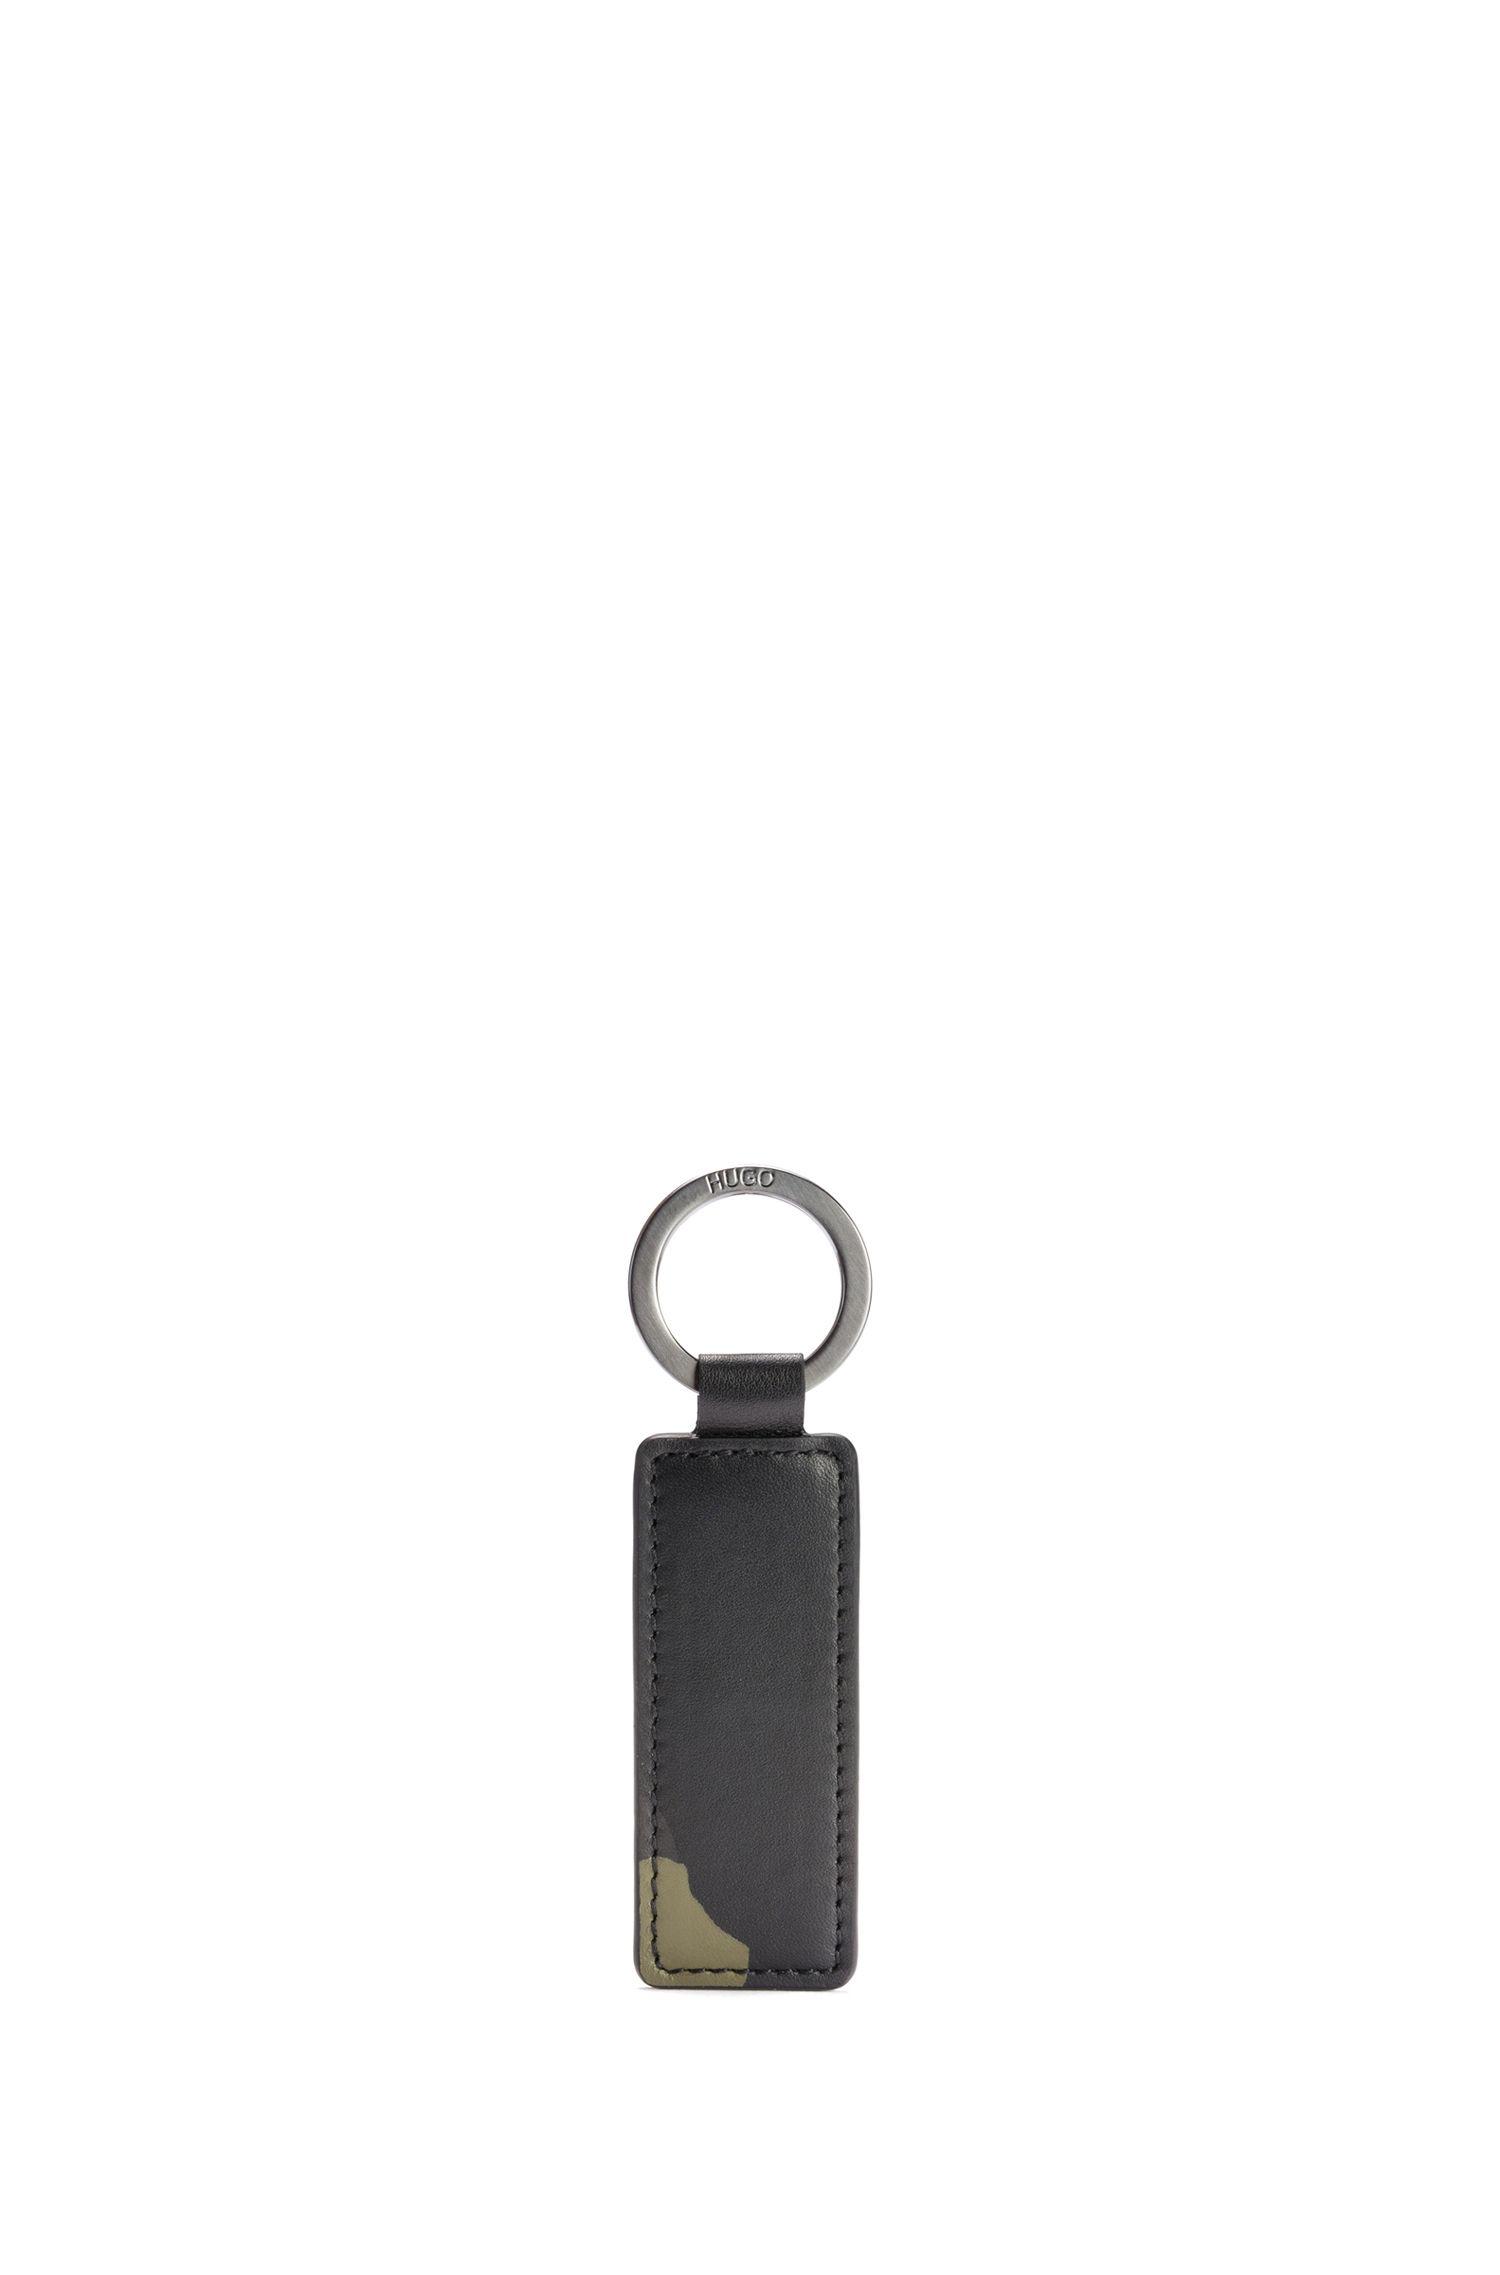 Geschenk-Set mit Geldbörse und Schlüsselanhänger aus Leder mit Camouflage-Print, Gemustert